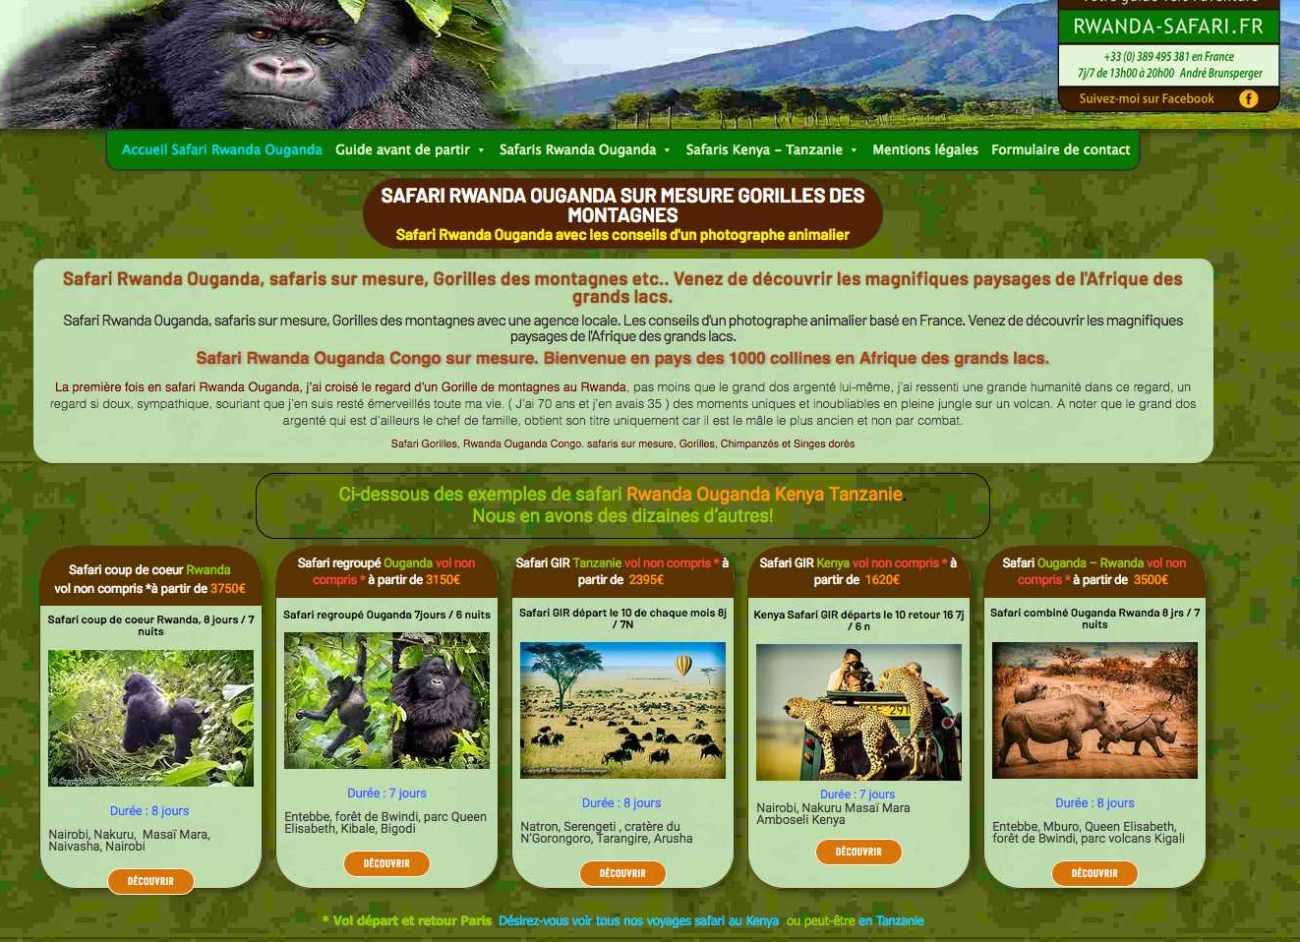 Voyage safari Gorilles Rwanda Ouganda